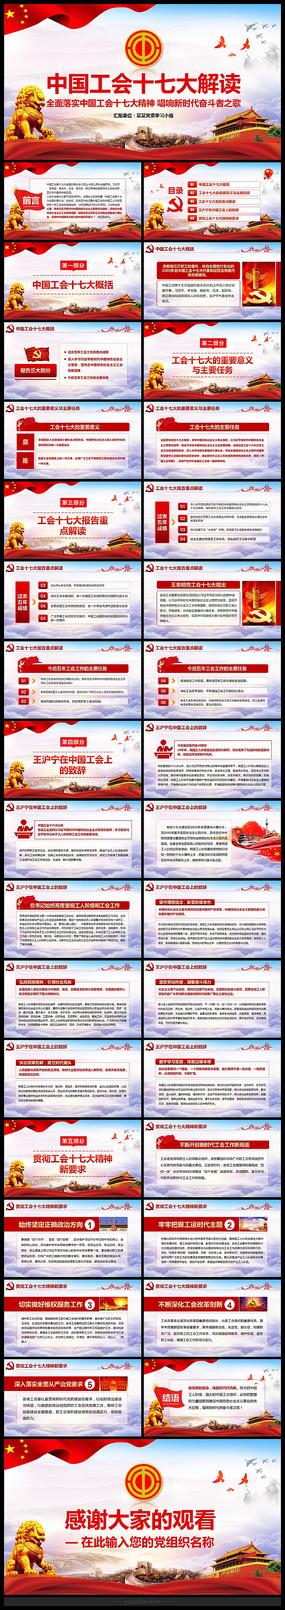 中国工会十七大党课PPT pptx